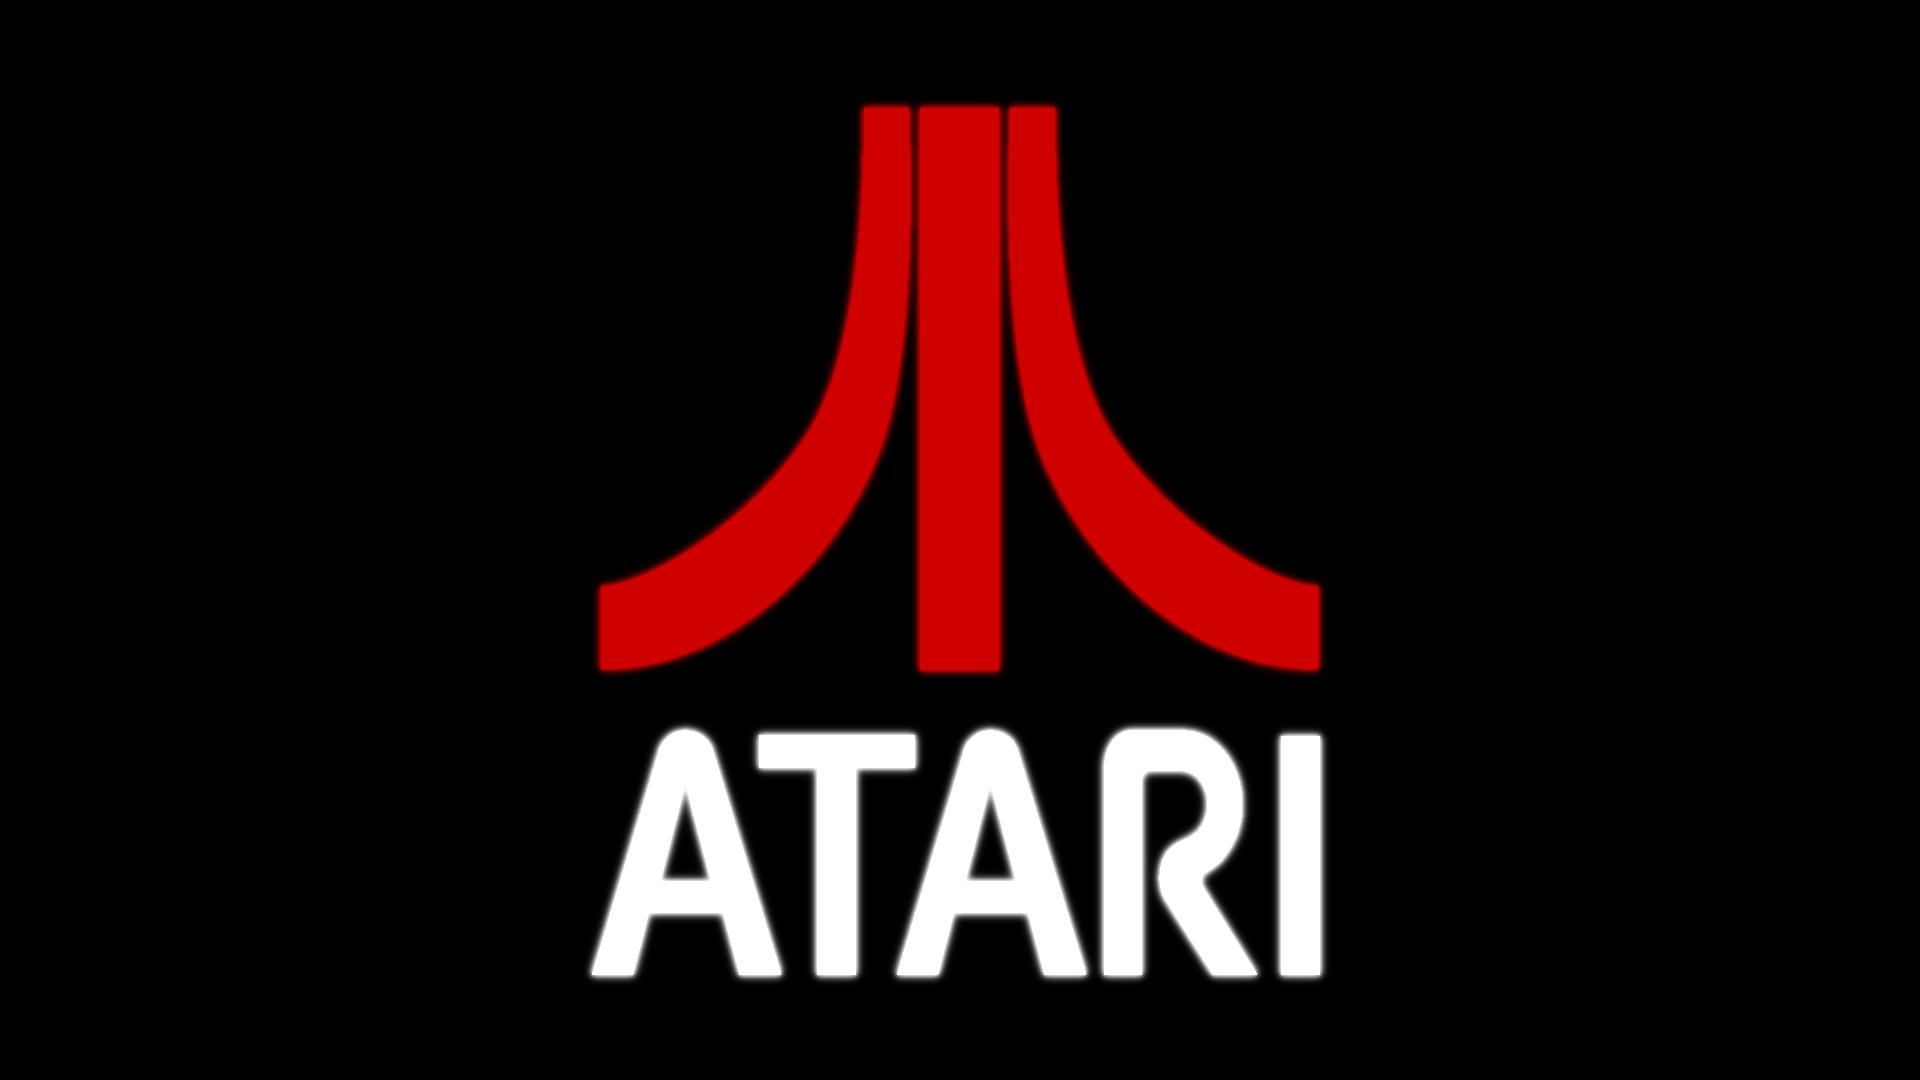 Atari Logo Atari Retrogaming Atari Video Games Computer Video Games Retro Gaming